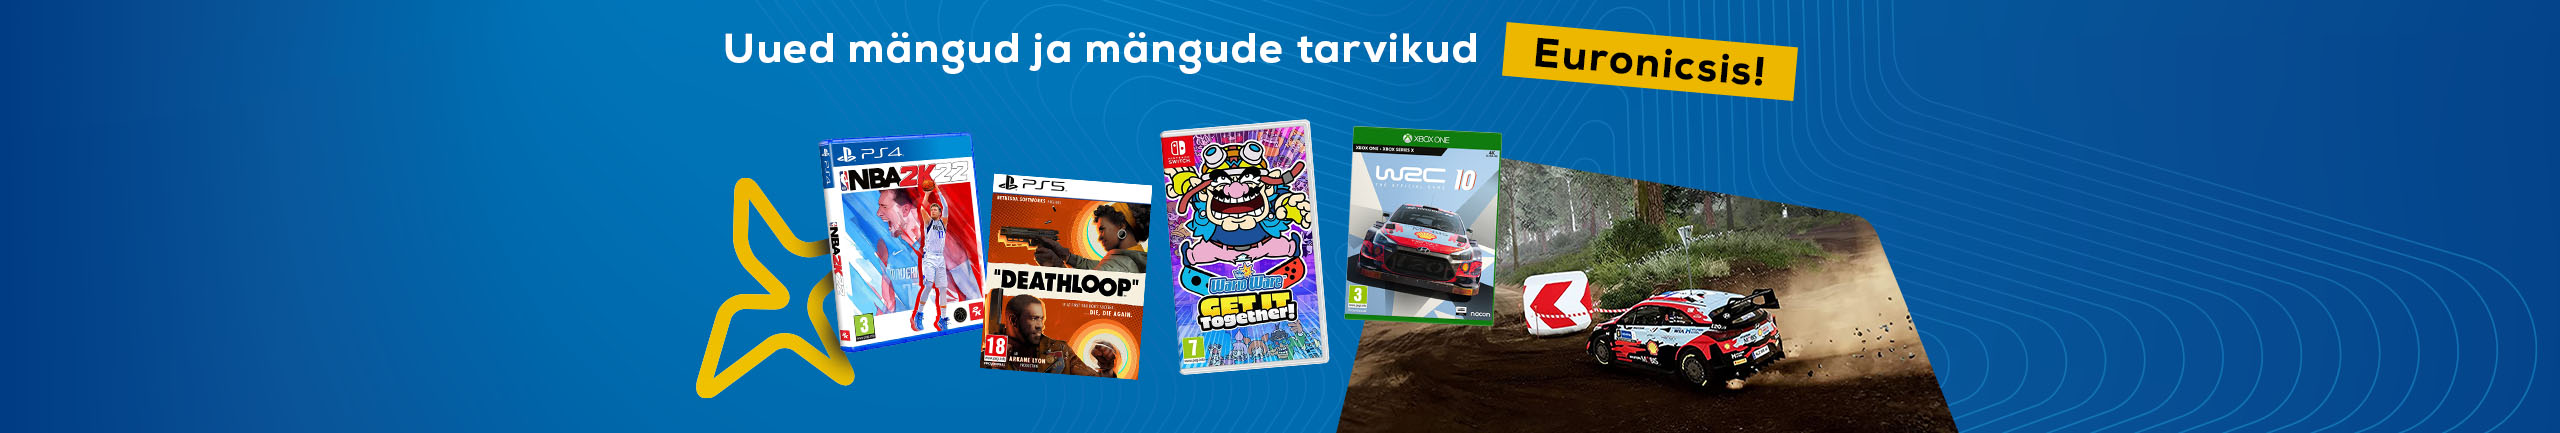 Uued mängud ja mängude tarvikud septembris!